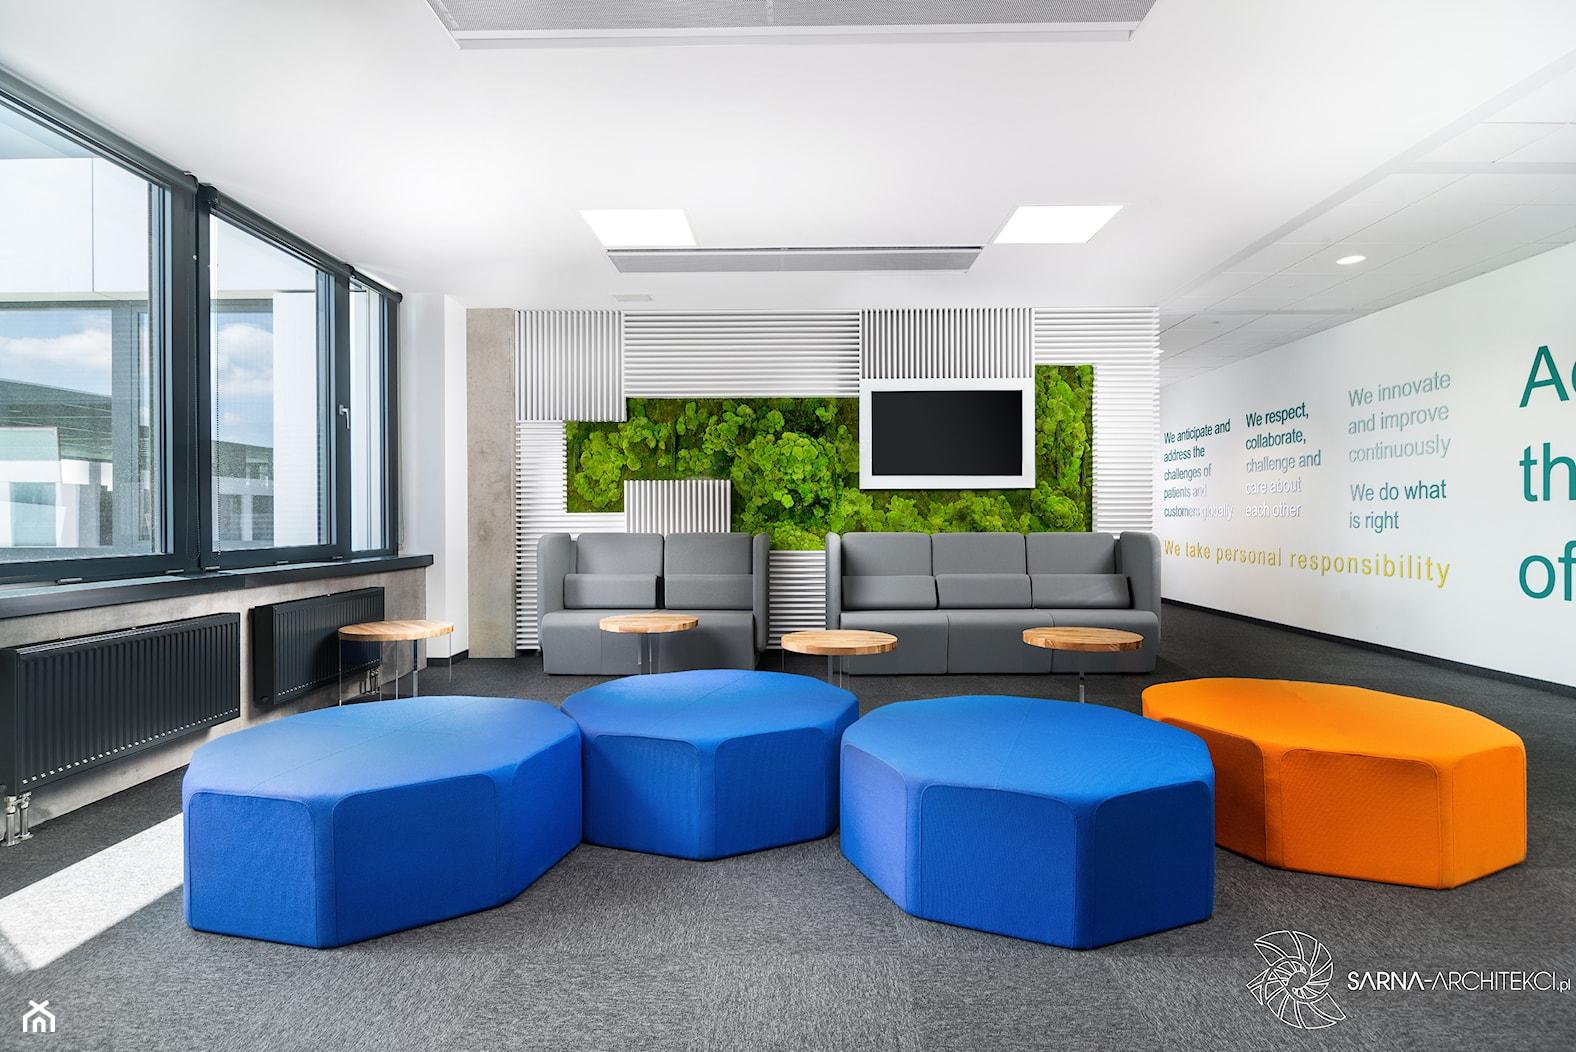 Hol w biurze - zdjęcie od SARNA ARCHITEKCI / Architektura Wnętrza dla wymagających / Interior Design - Homebook